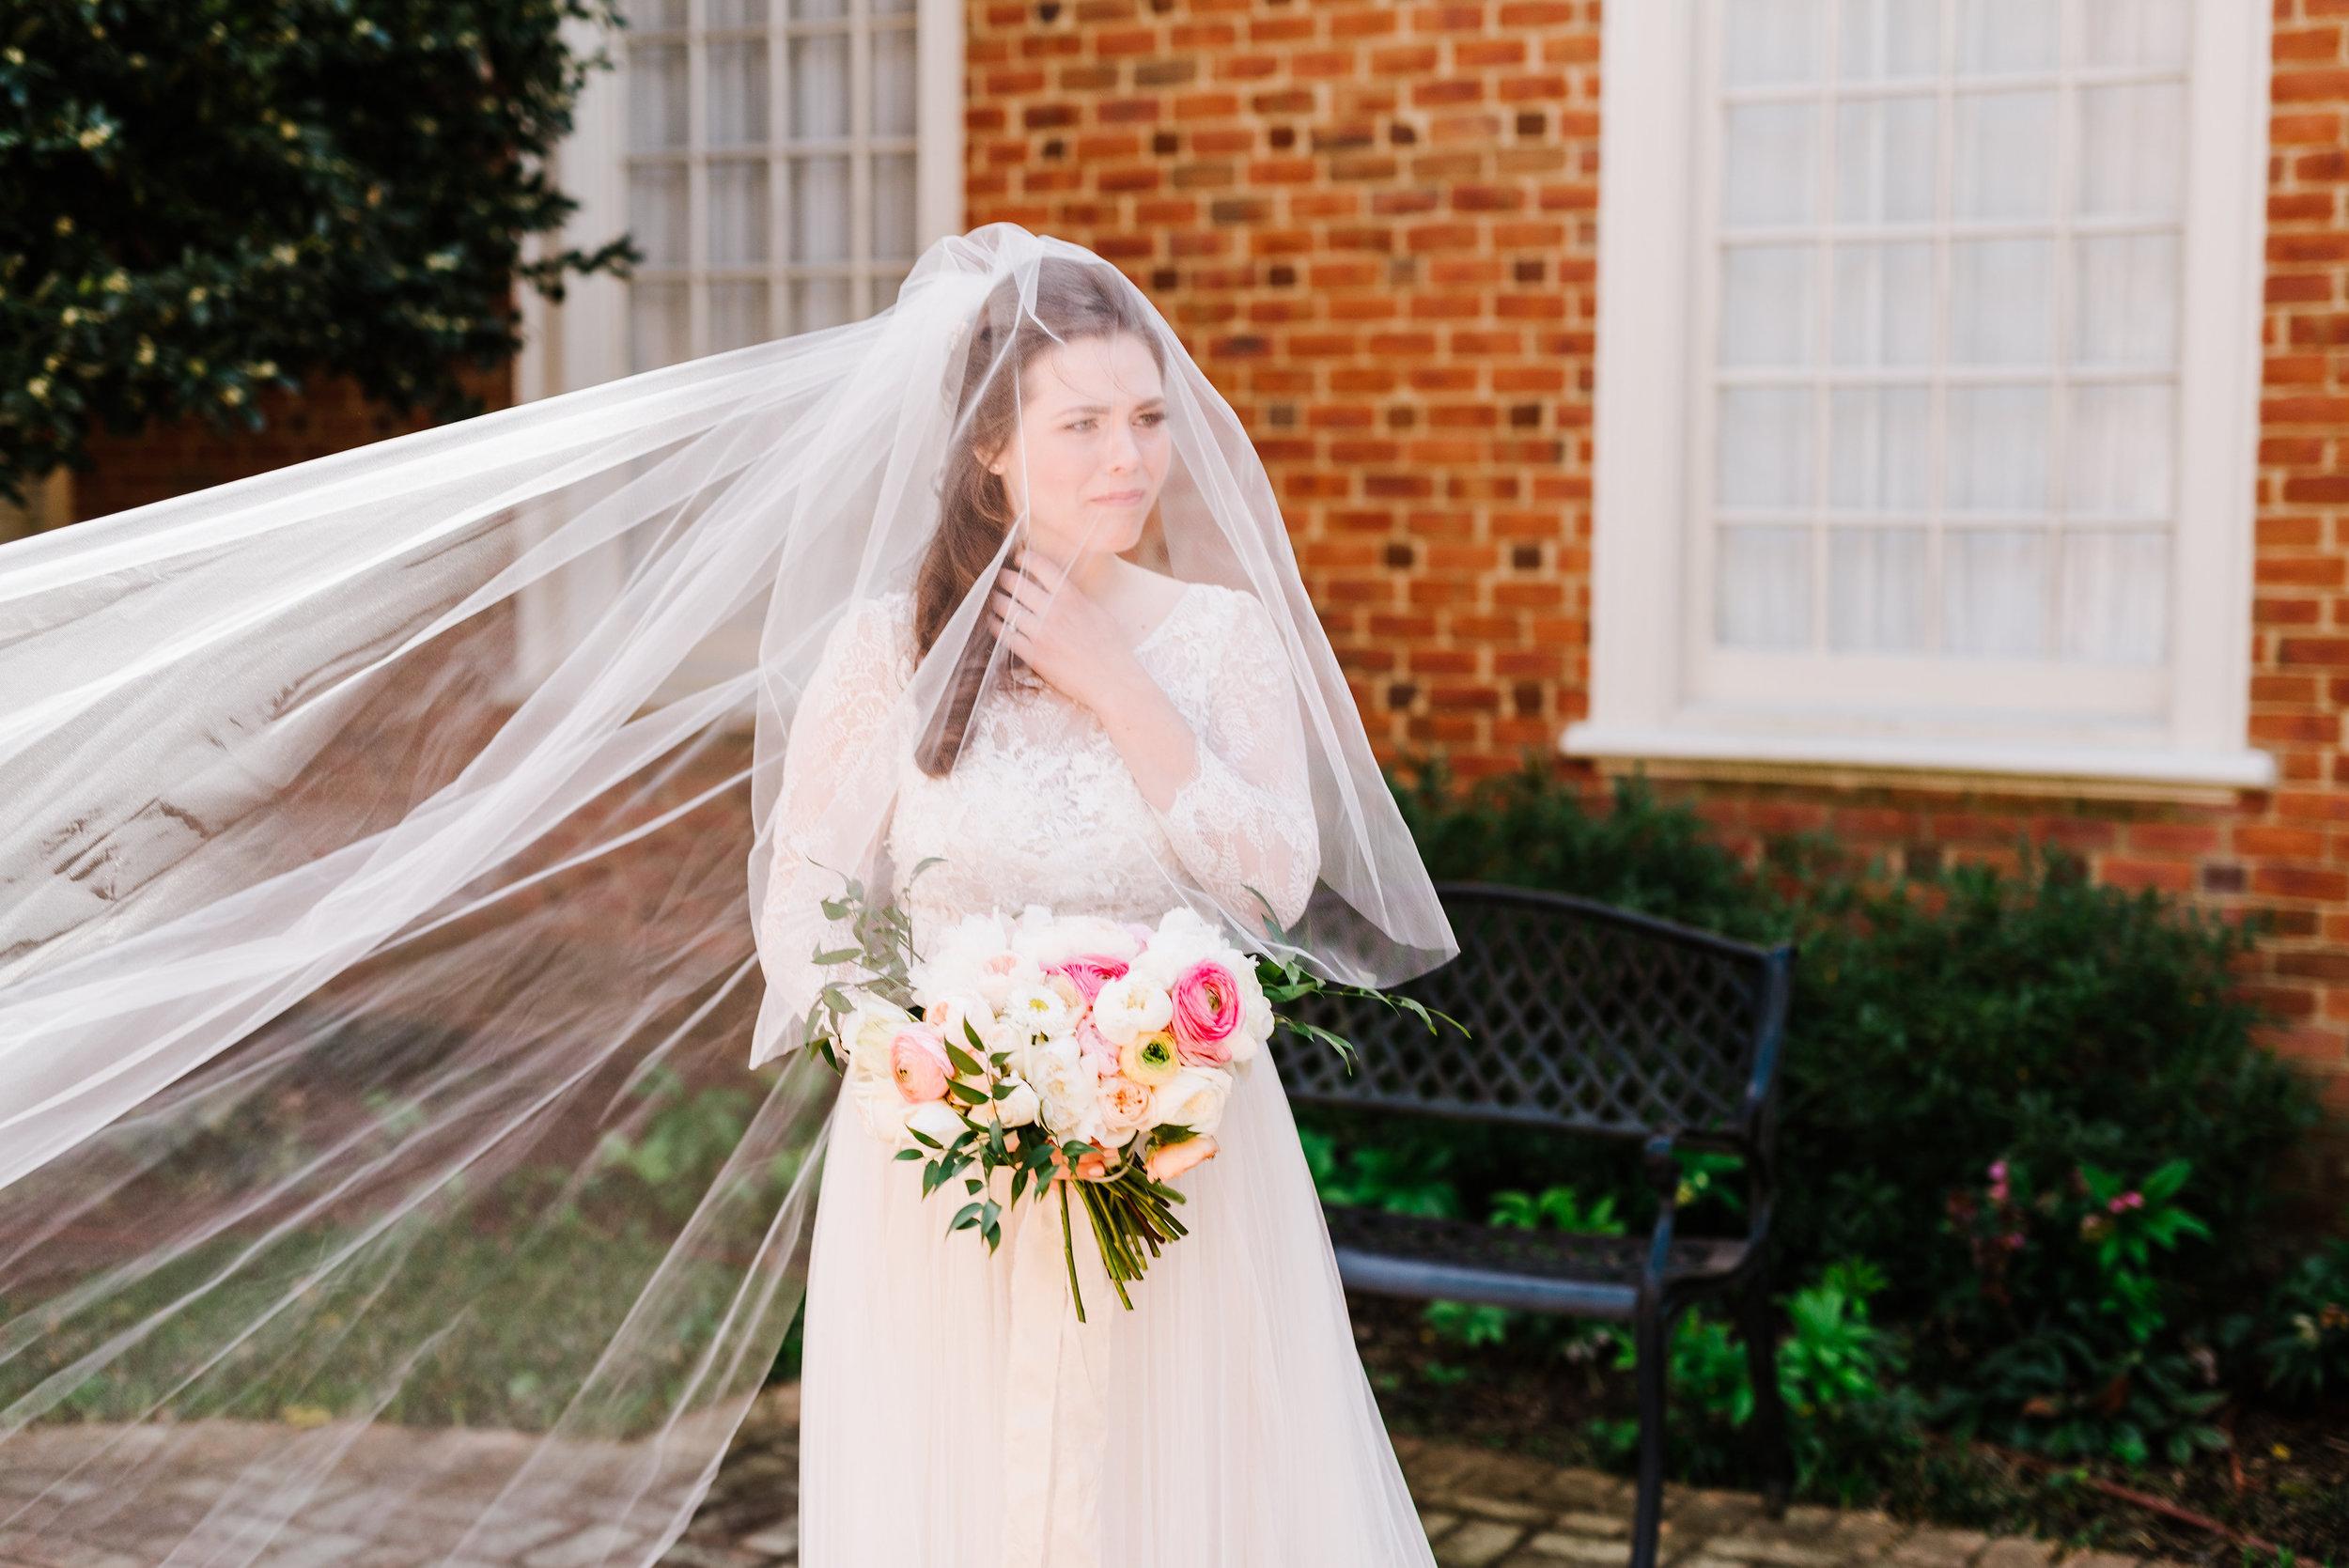 tylar-seth-wedding-68.jpg